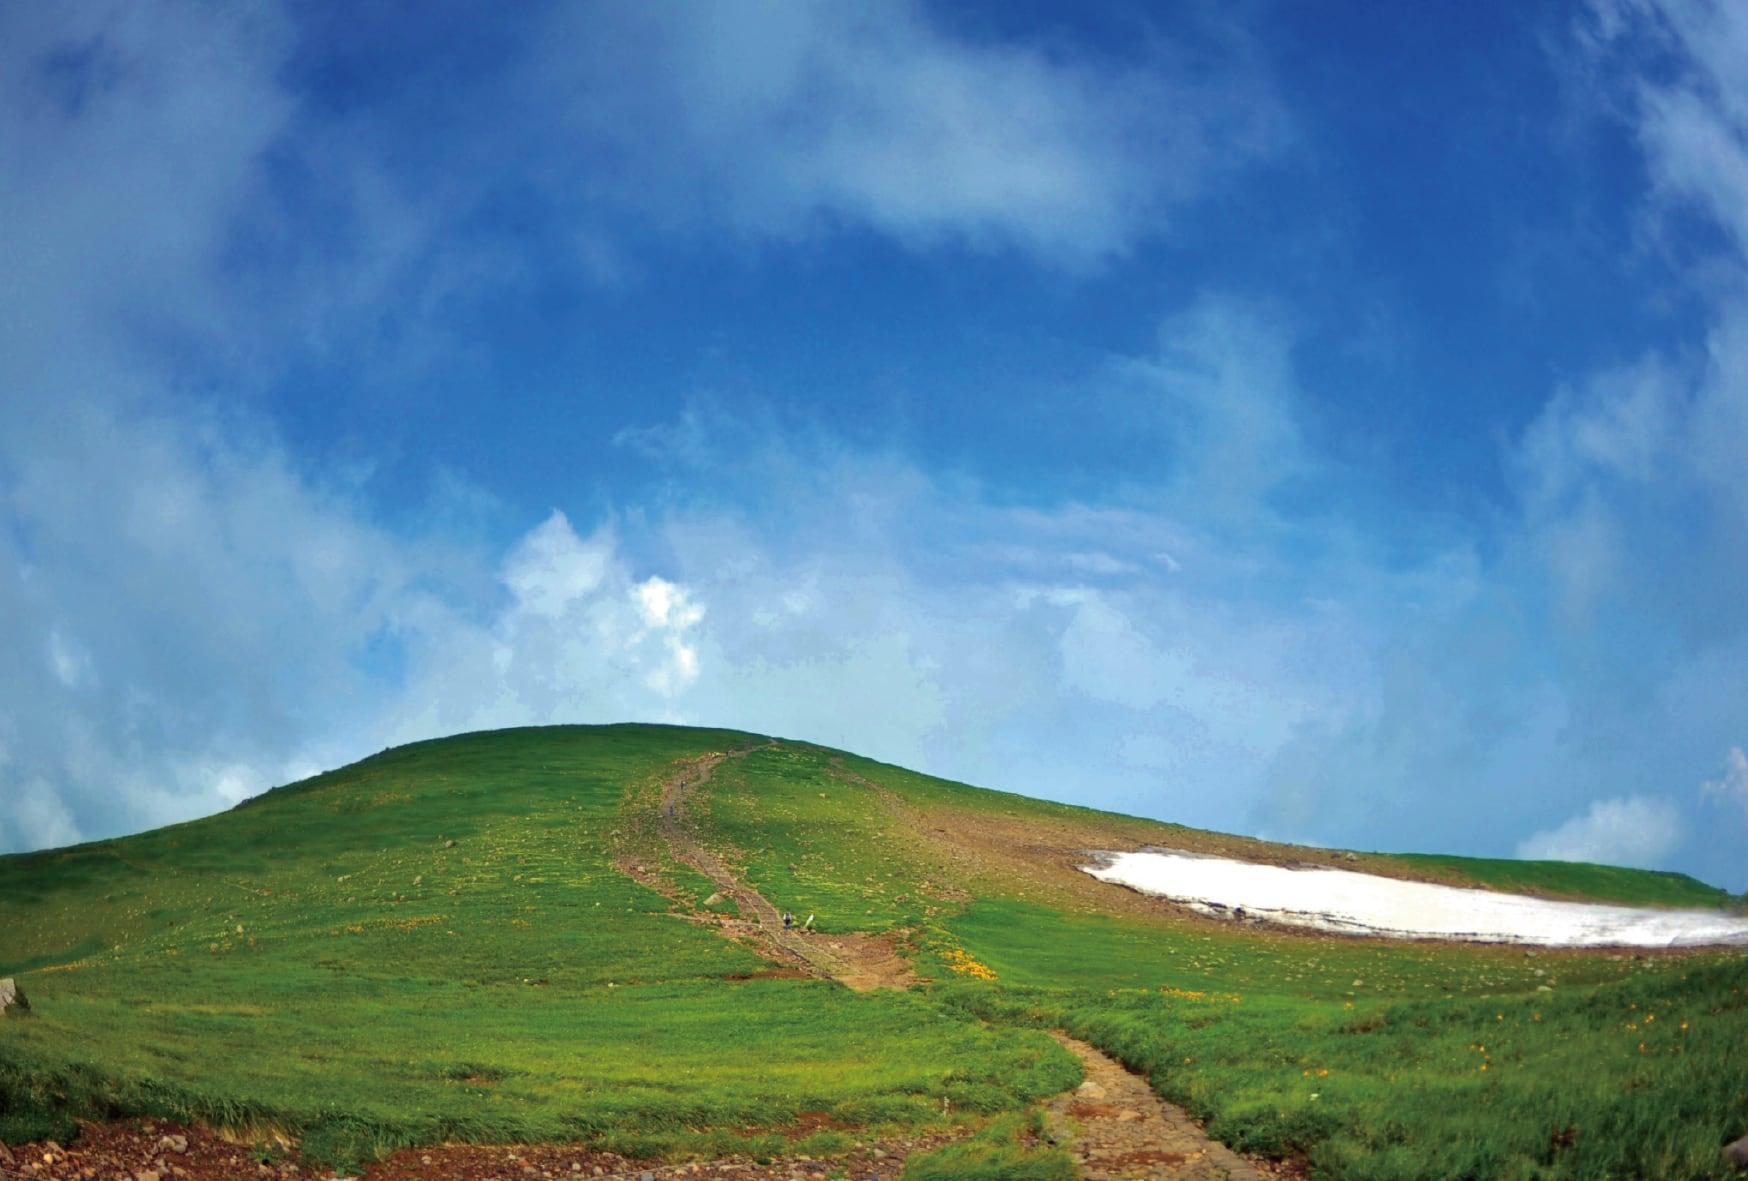 鳥海山ポストカード 5枚組B「GREEN」(m*wa)